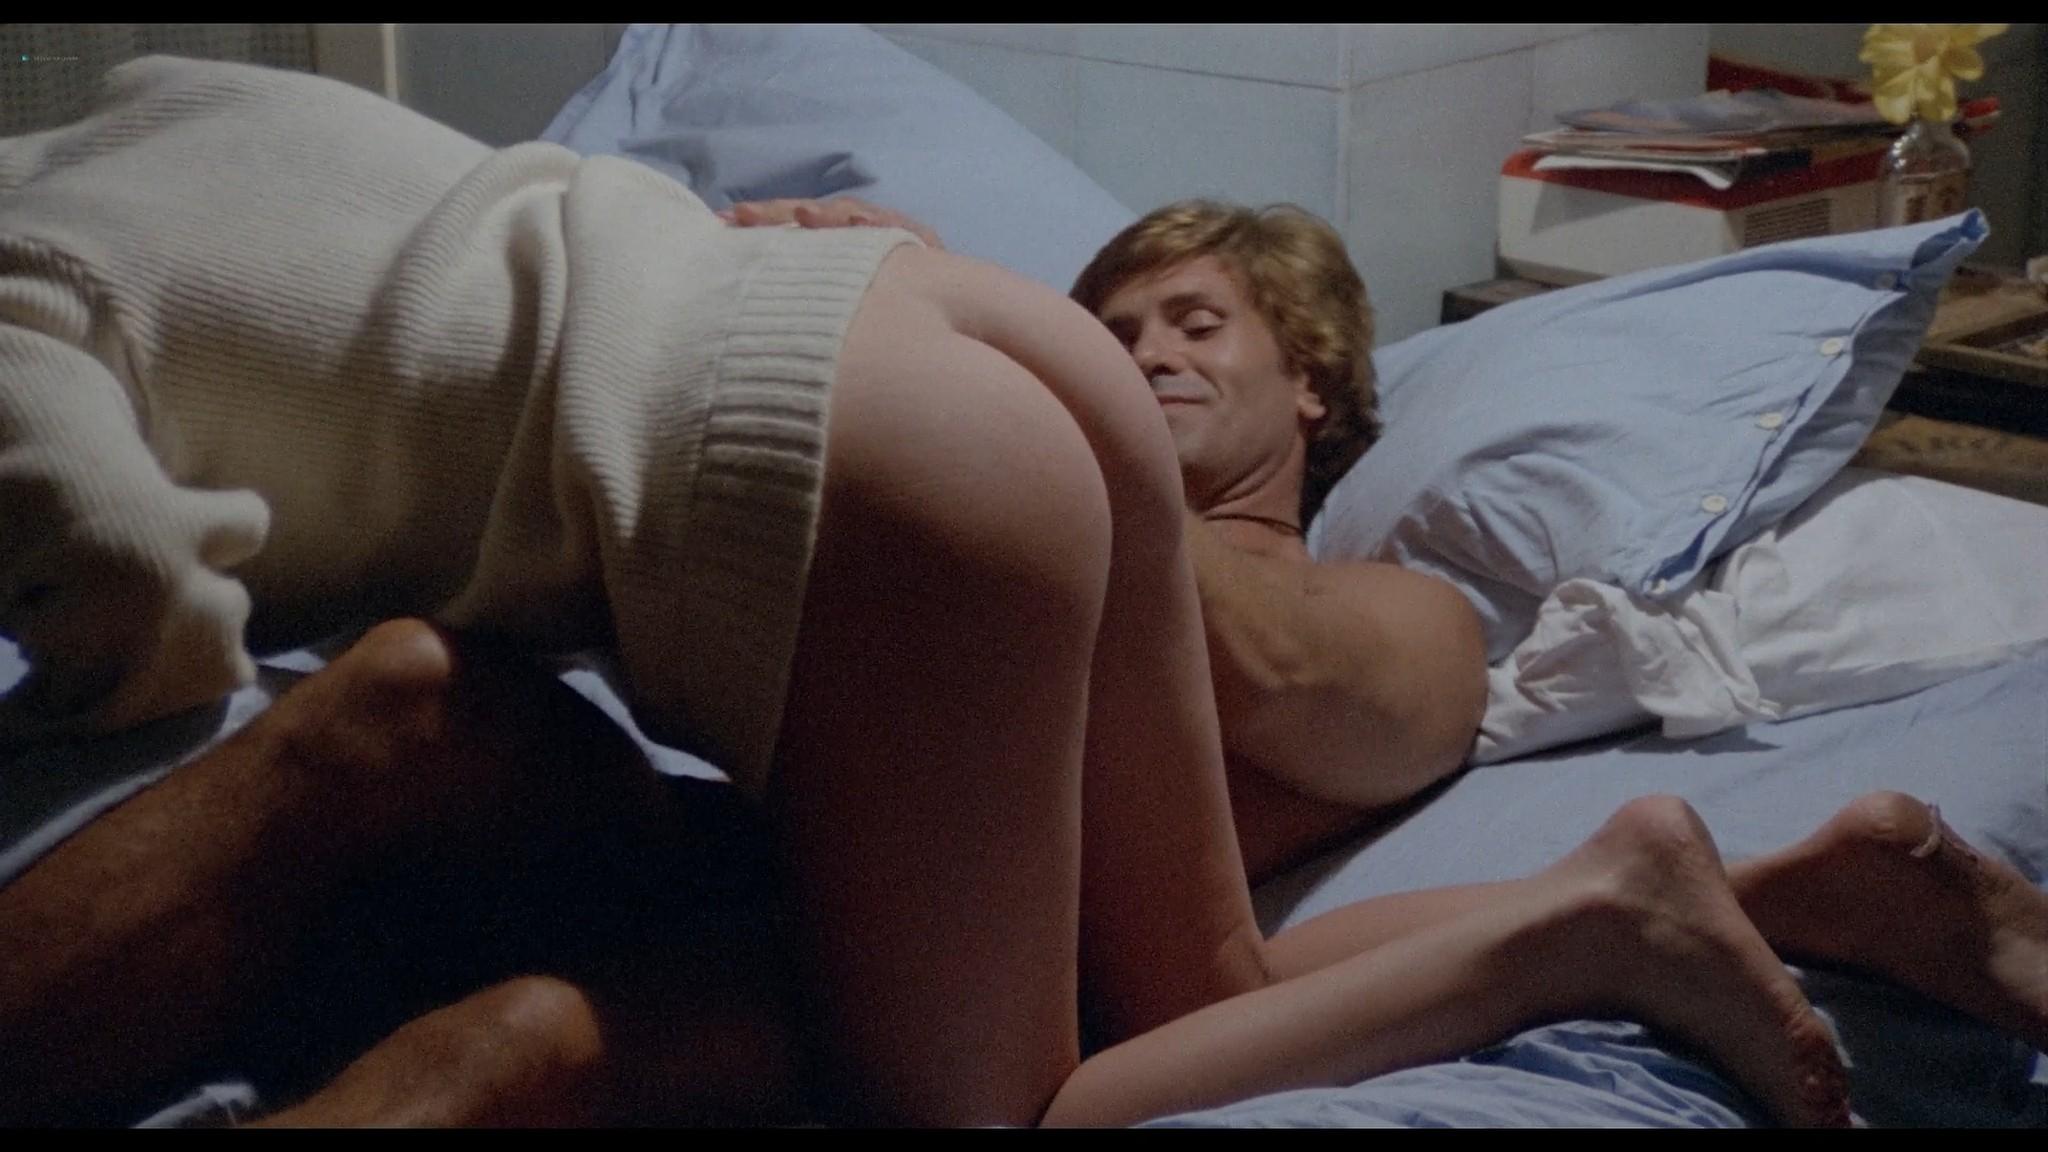 Dalila Di Lazzaro nude full frontal Vanessa Vitale nude – La ragazza dal pigiama giallo IT 1977 1080p BluRay REMUX 10